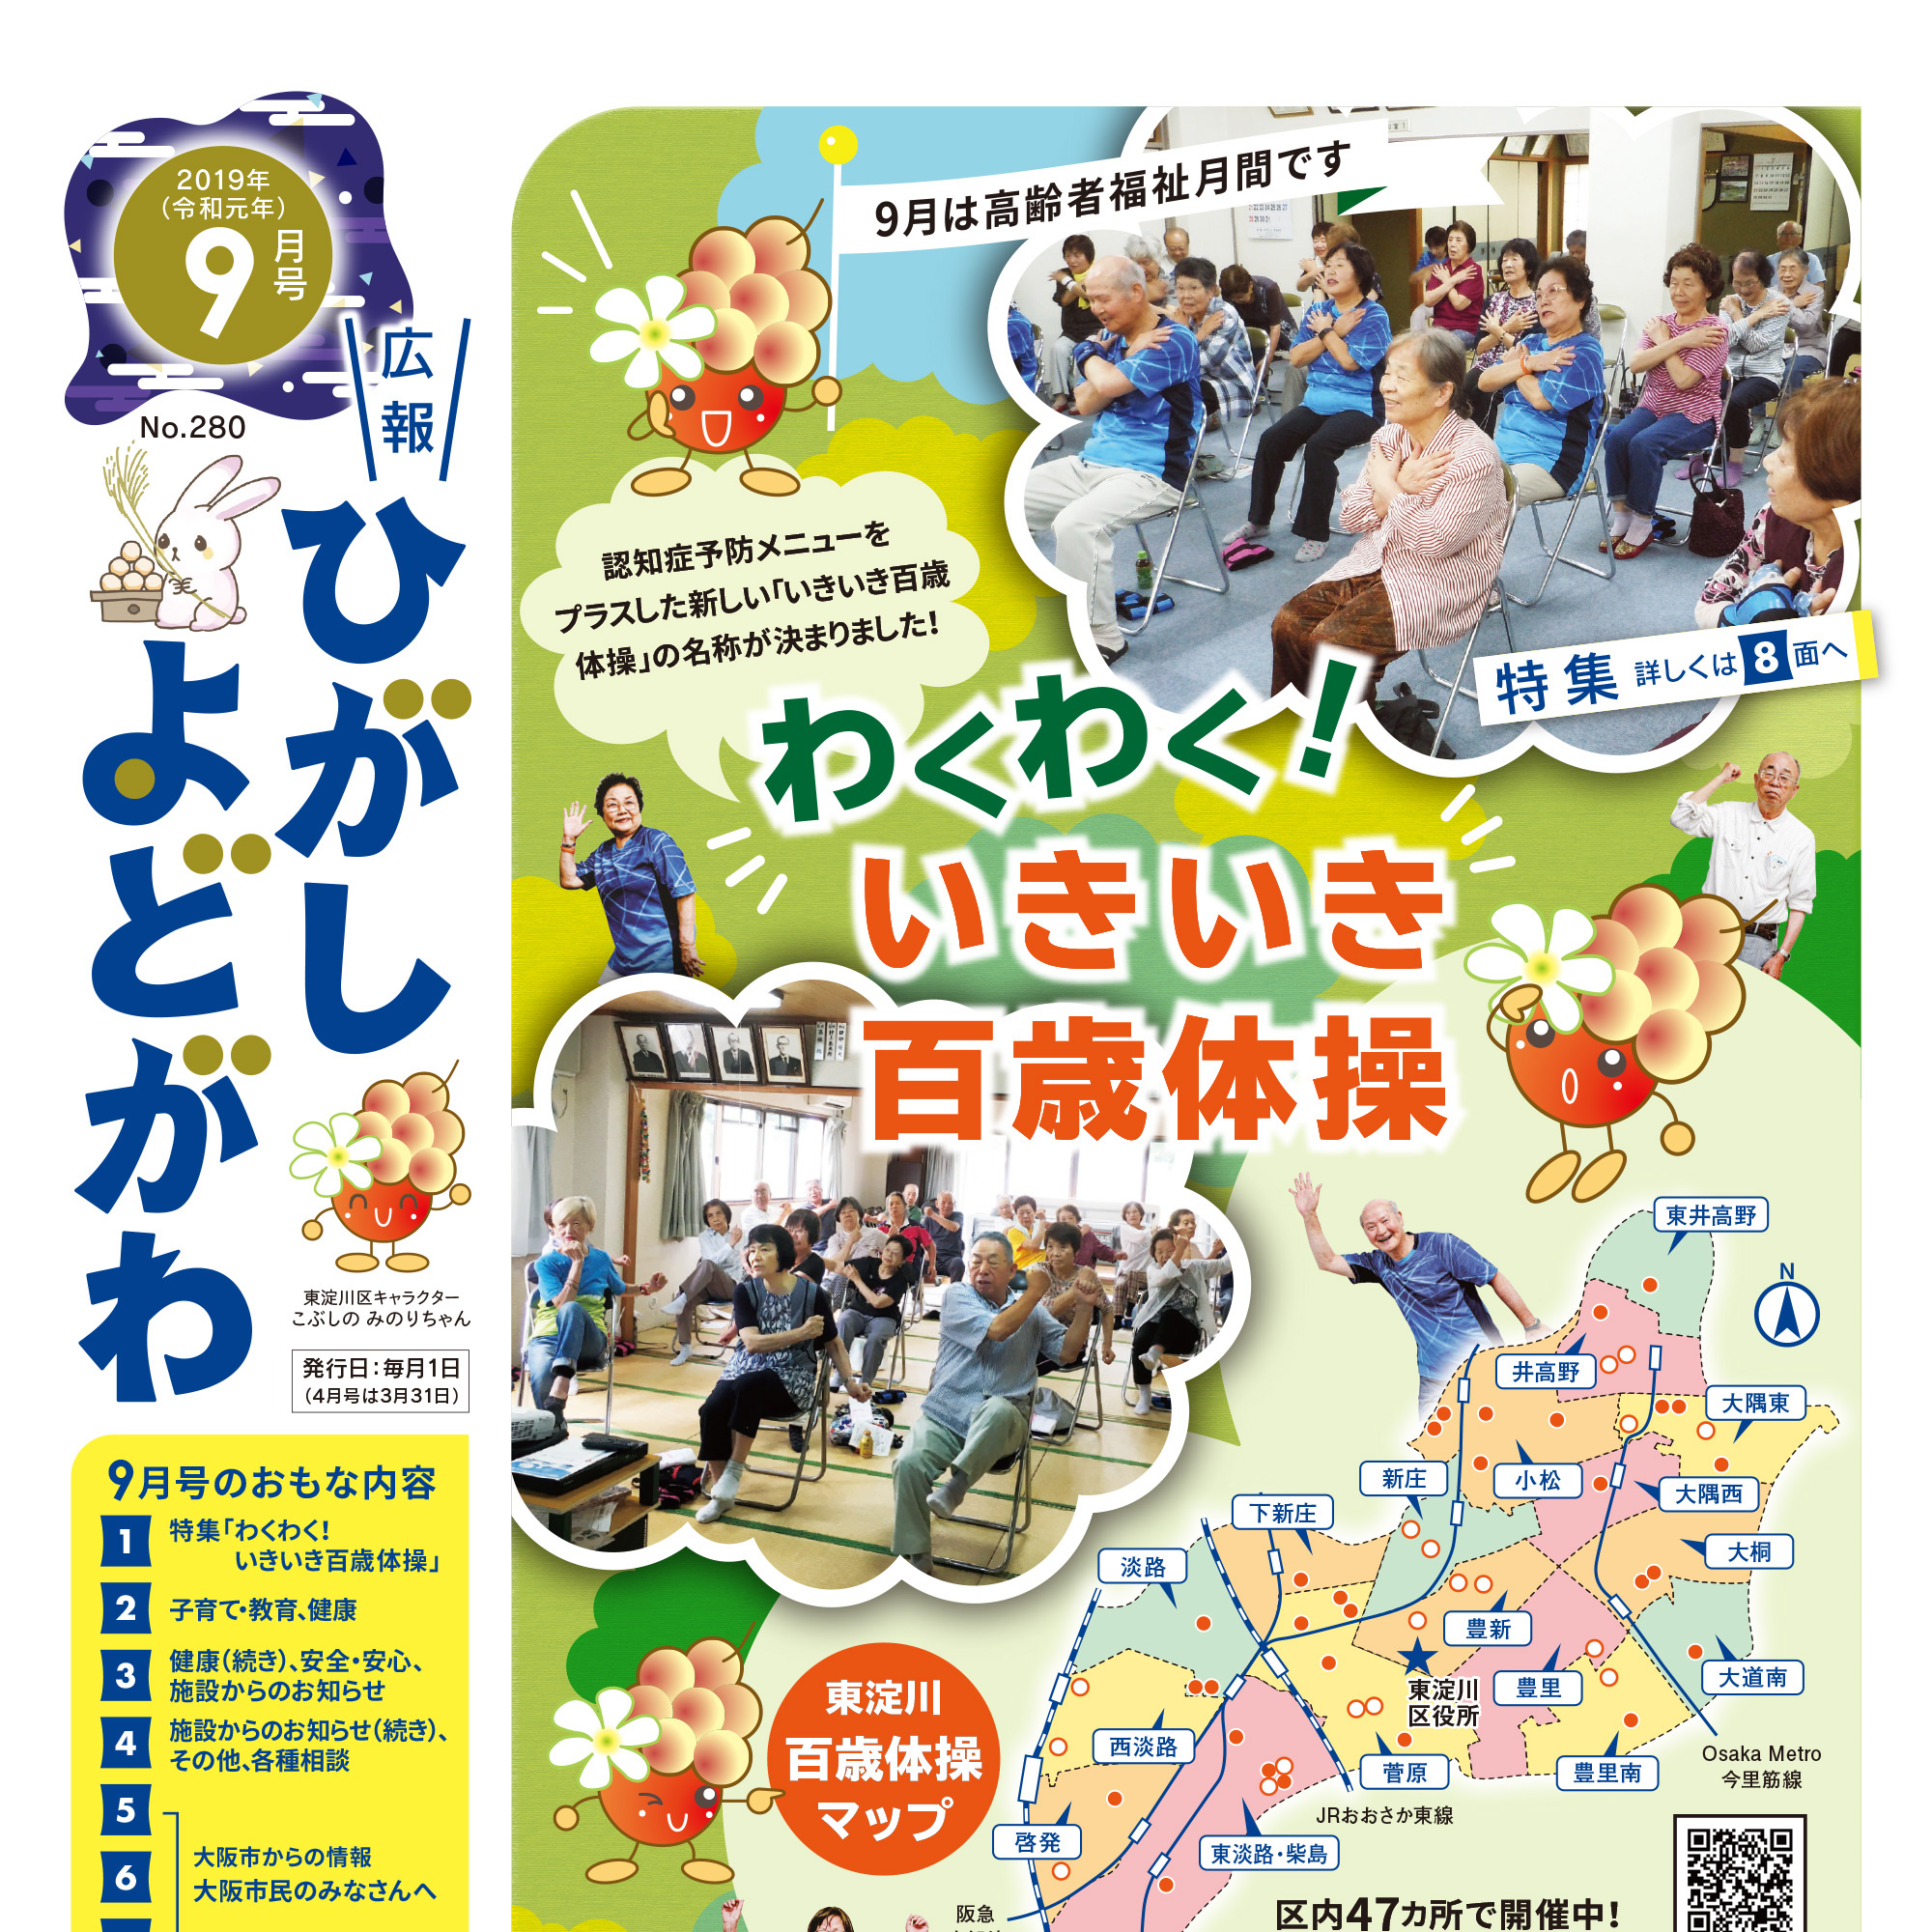 広報ひがしよどがわ・令和元年9月号(大阪市東淀川区)